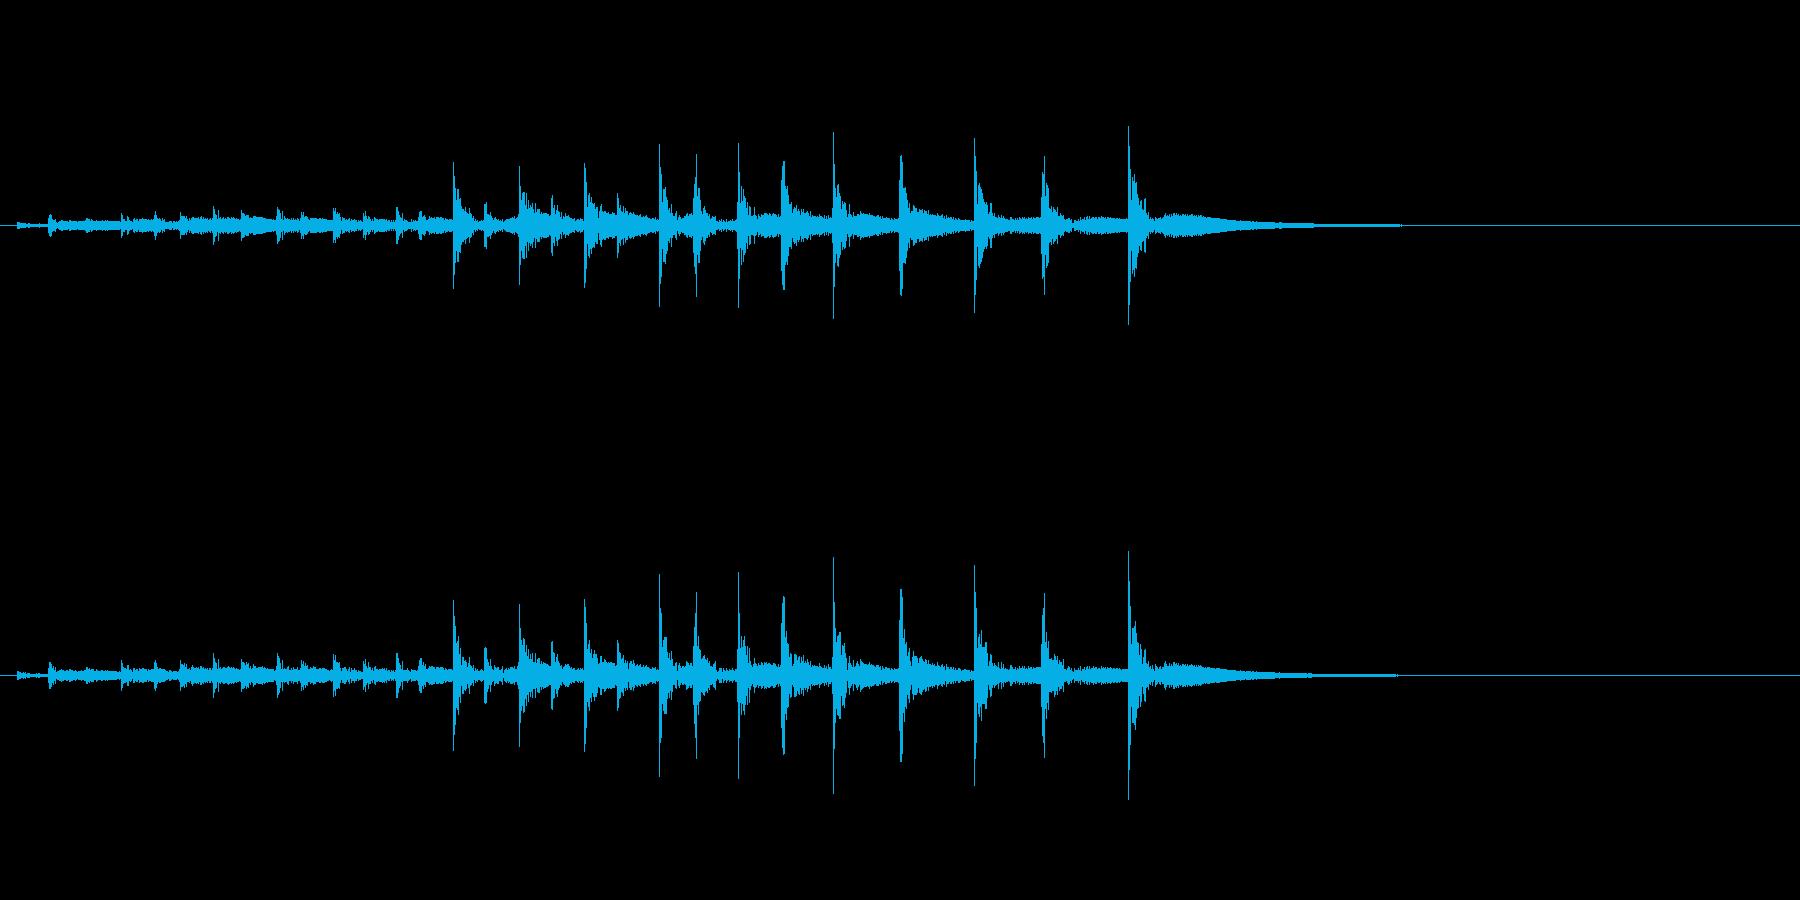 祭囃子や邦楽囃子の豆太鼓のフレーズ音の再生済みの波形